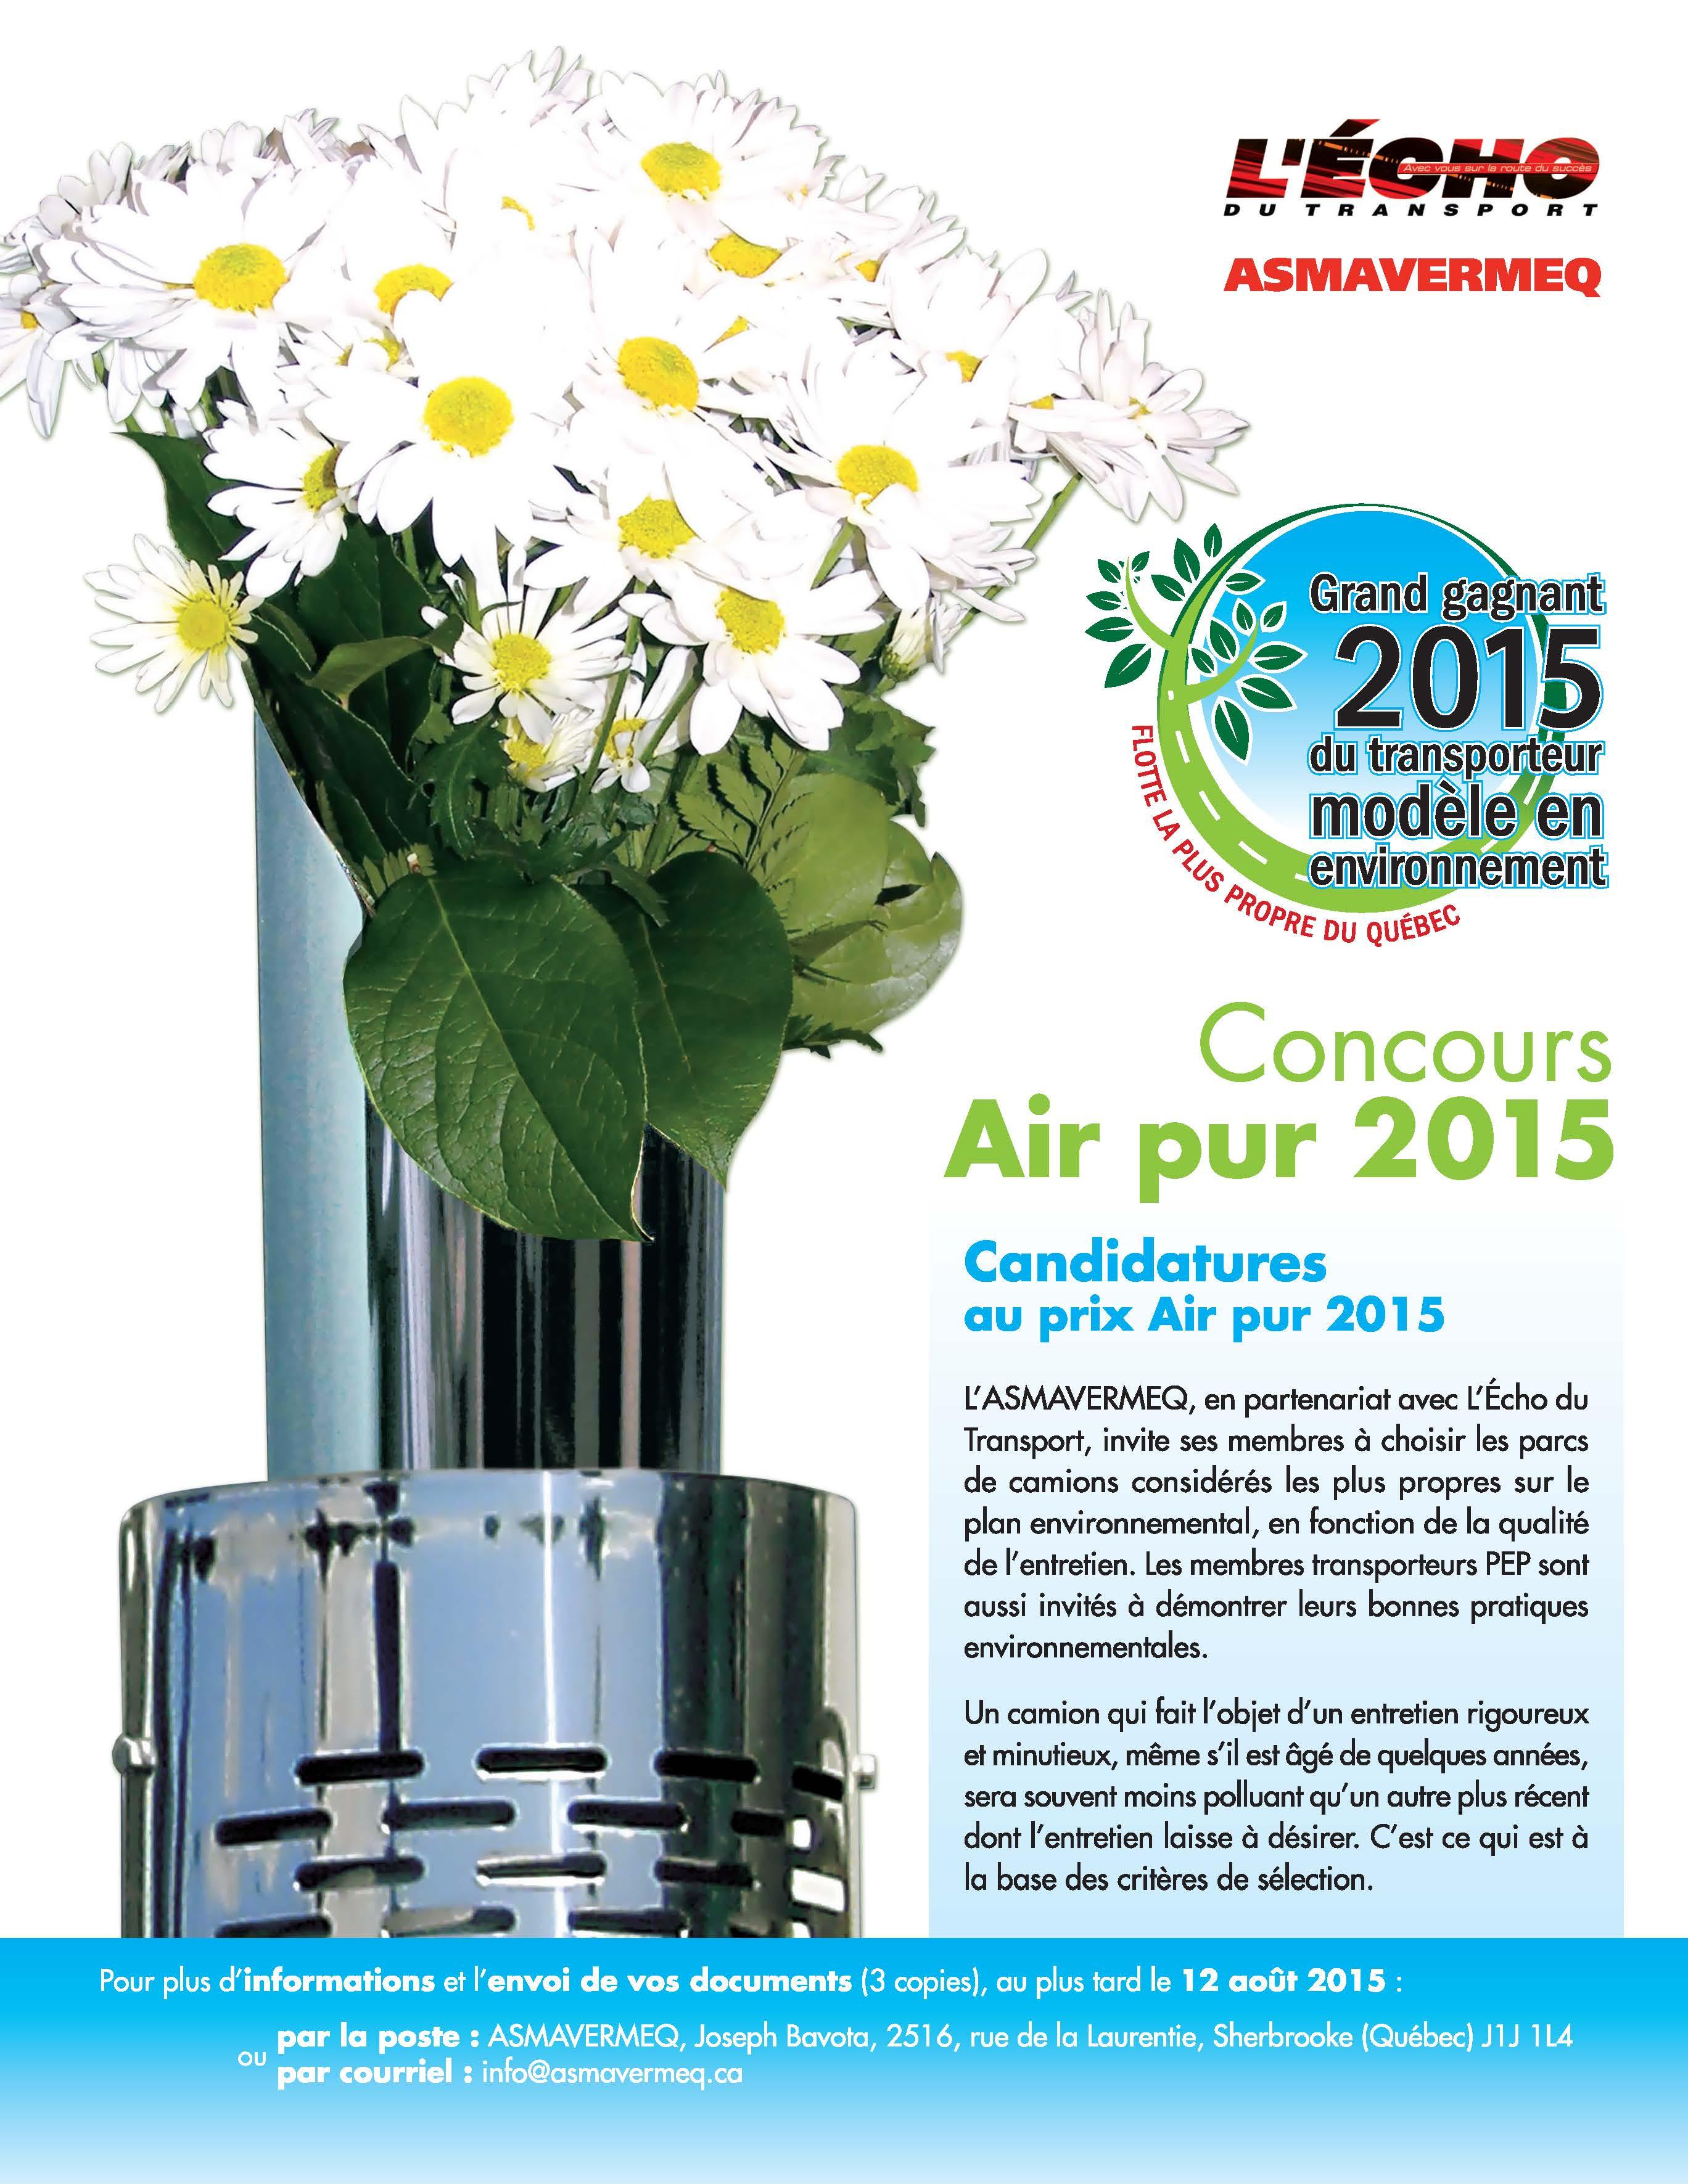 ConcoursAirPur2015